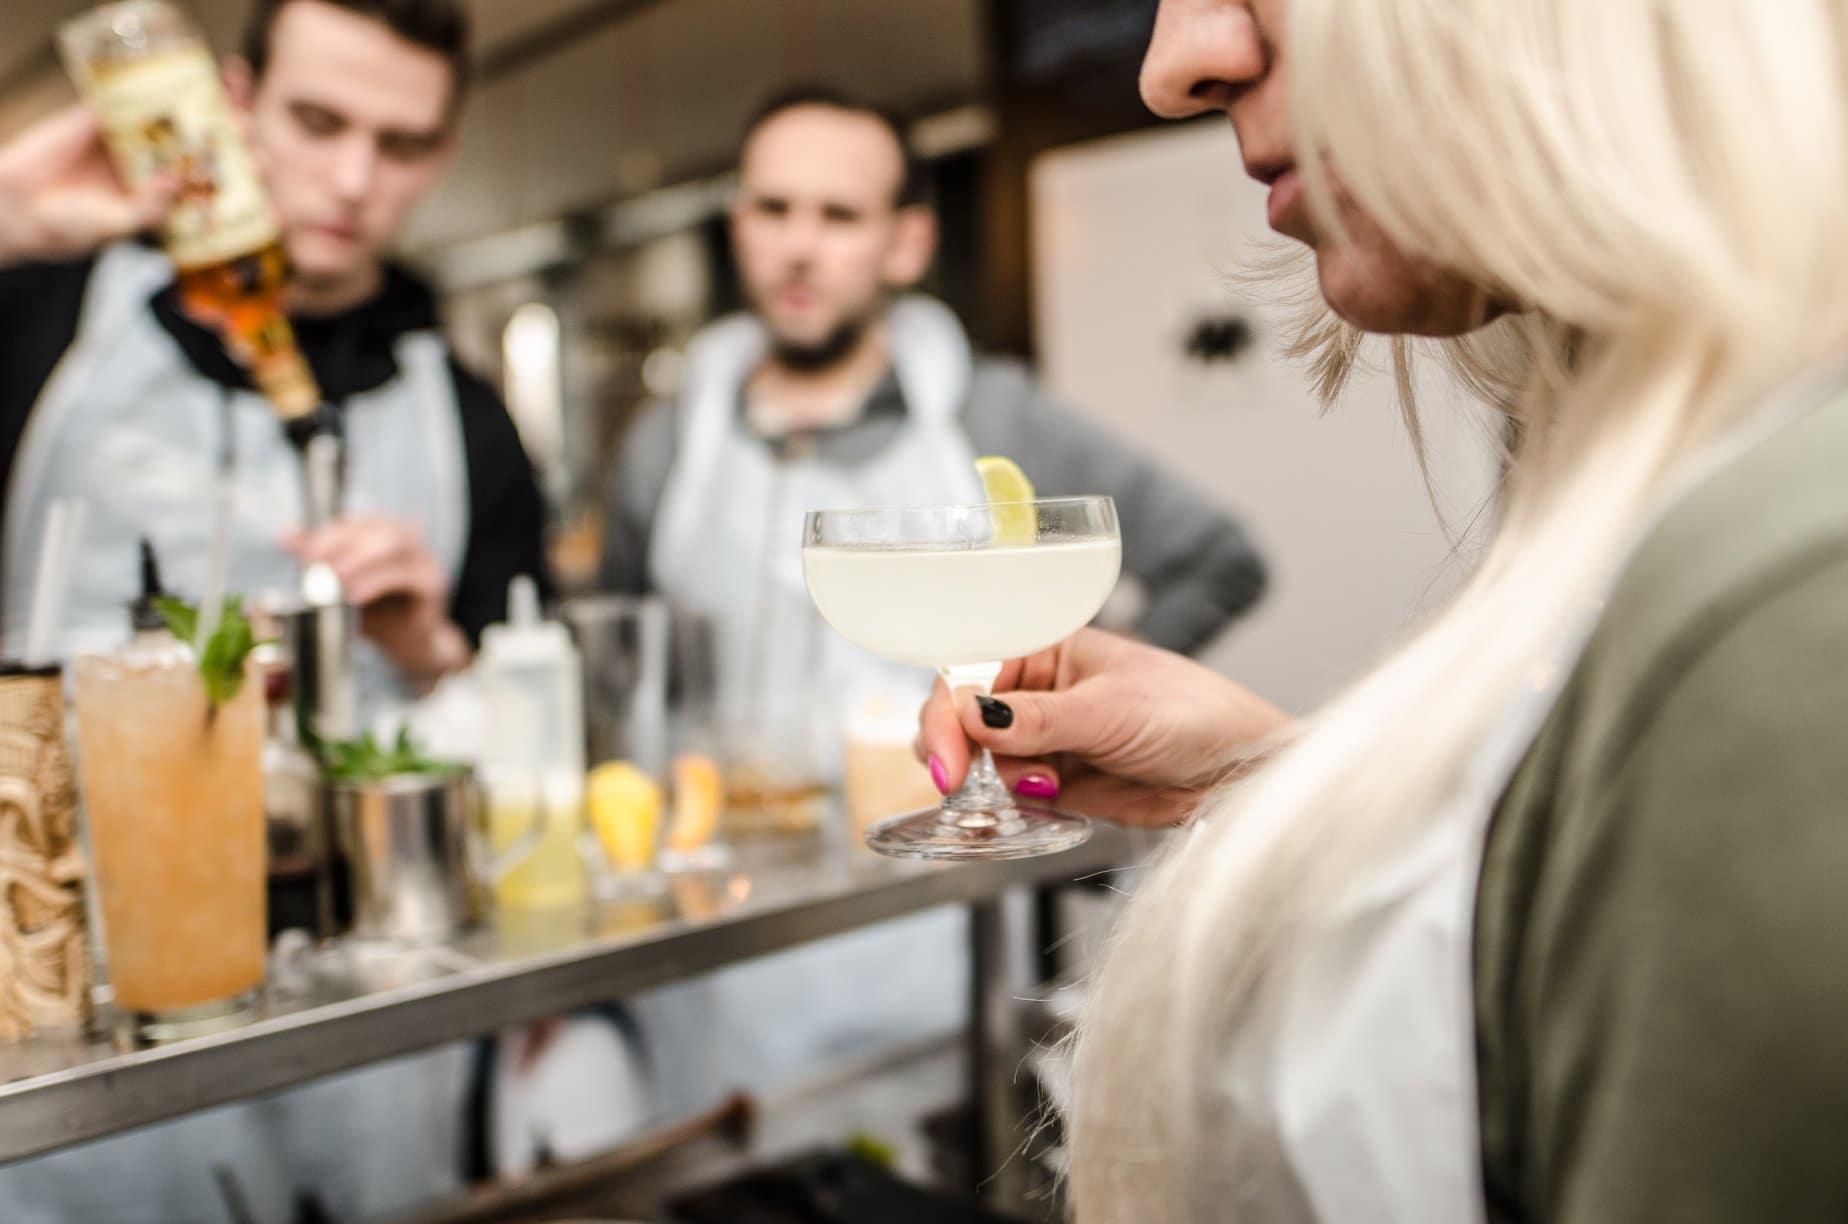 Drink making at Gdansk Cocktail Workshop